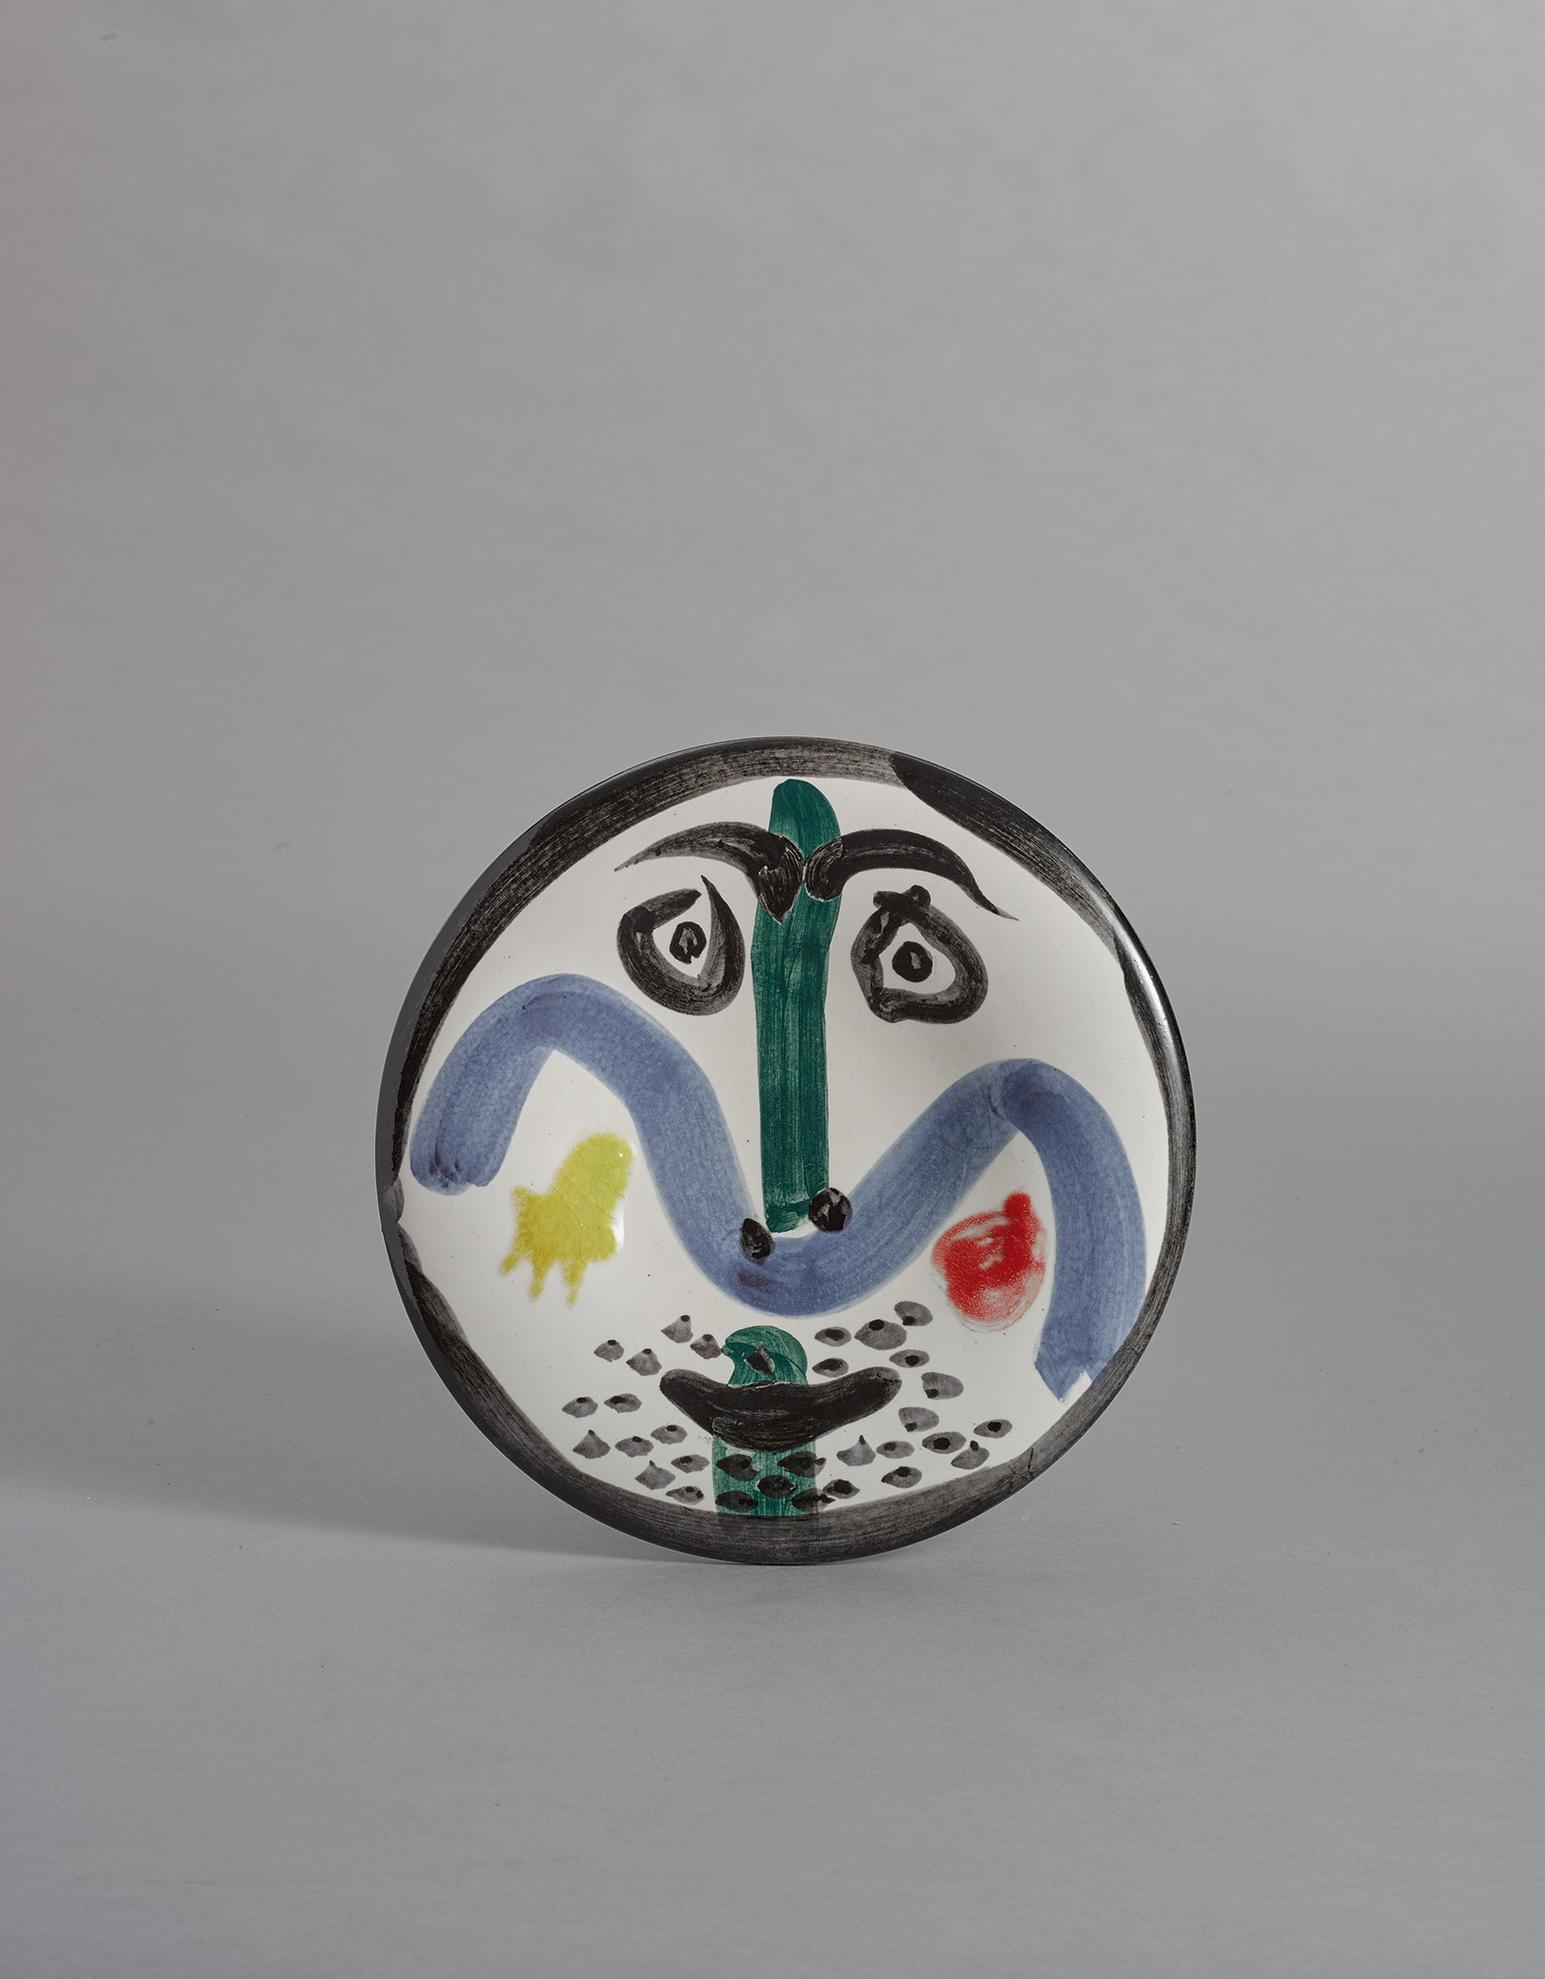 Pablo Picasso-Visage No. 130 (A.R. 479)-1963